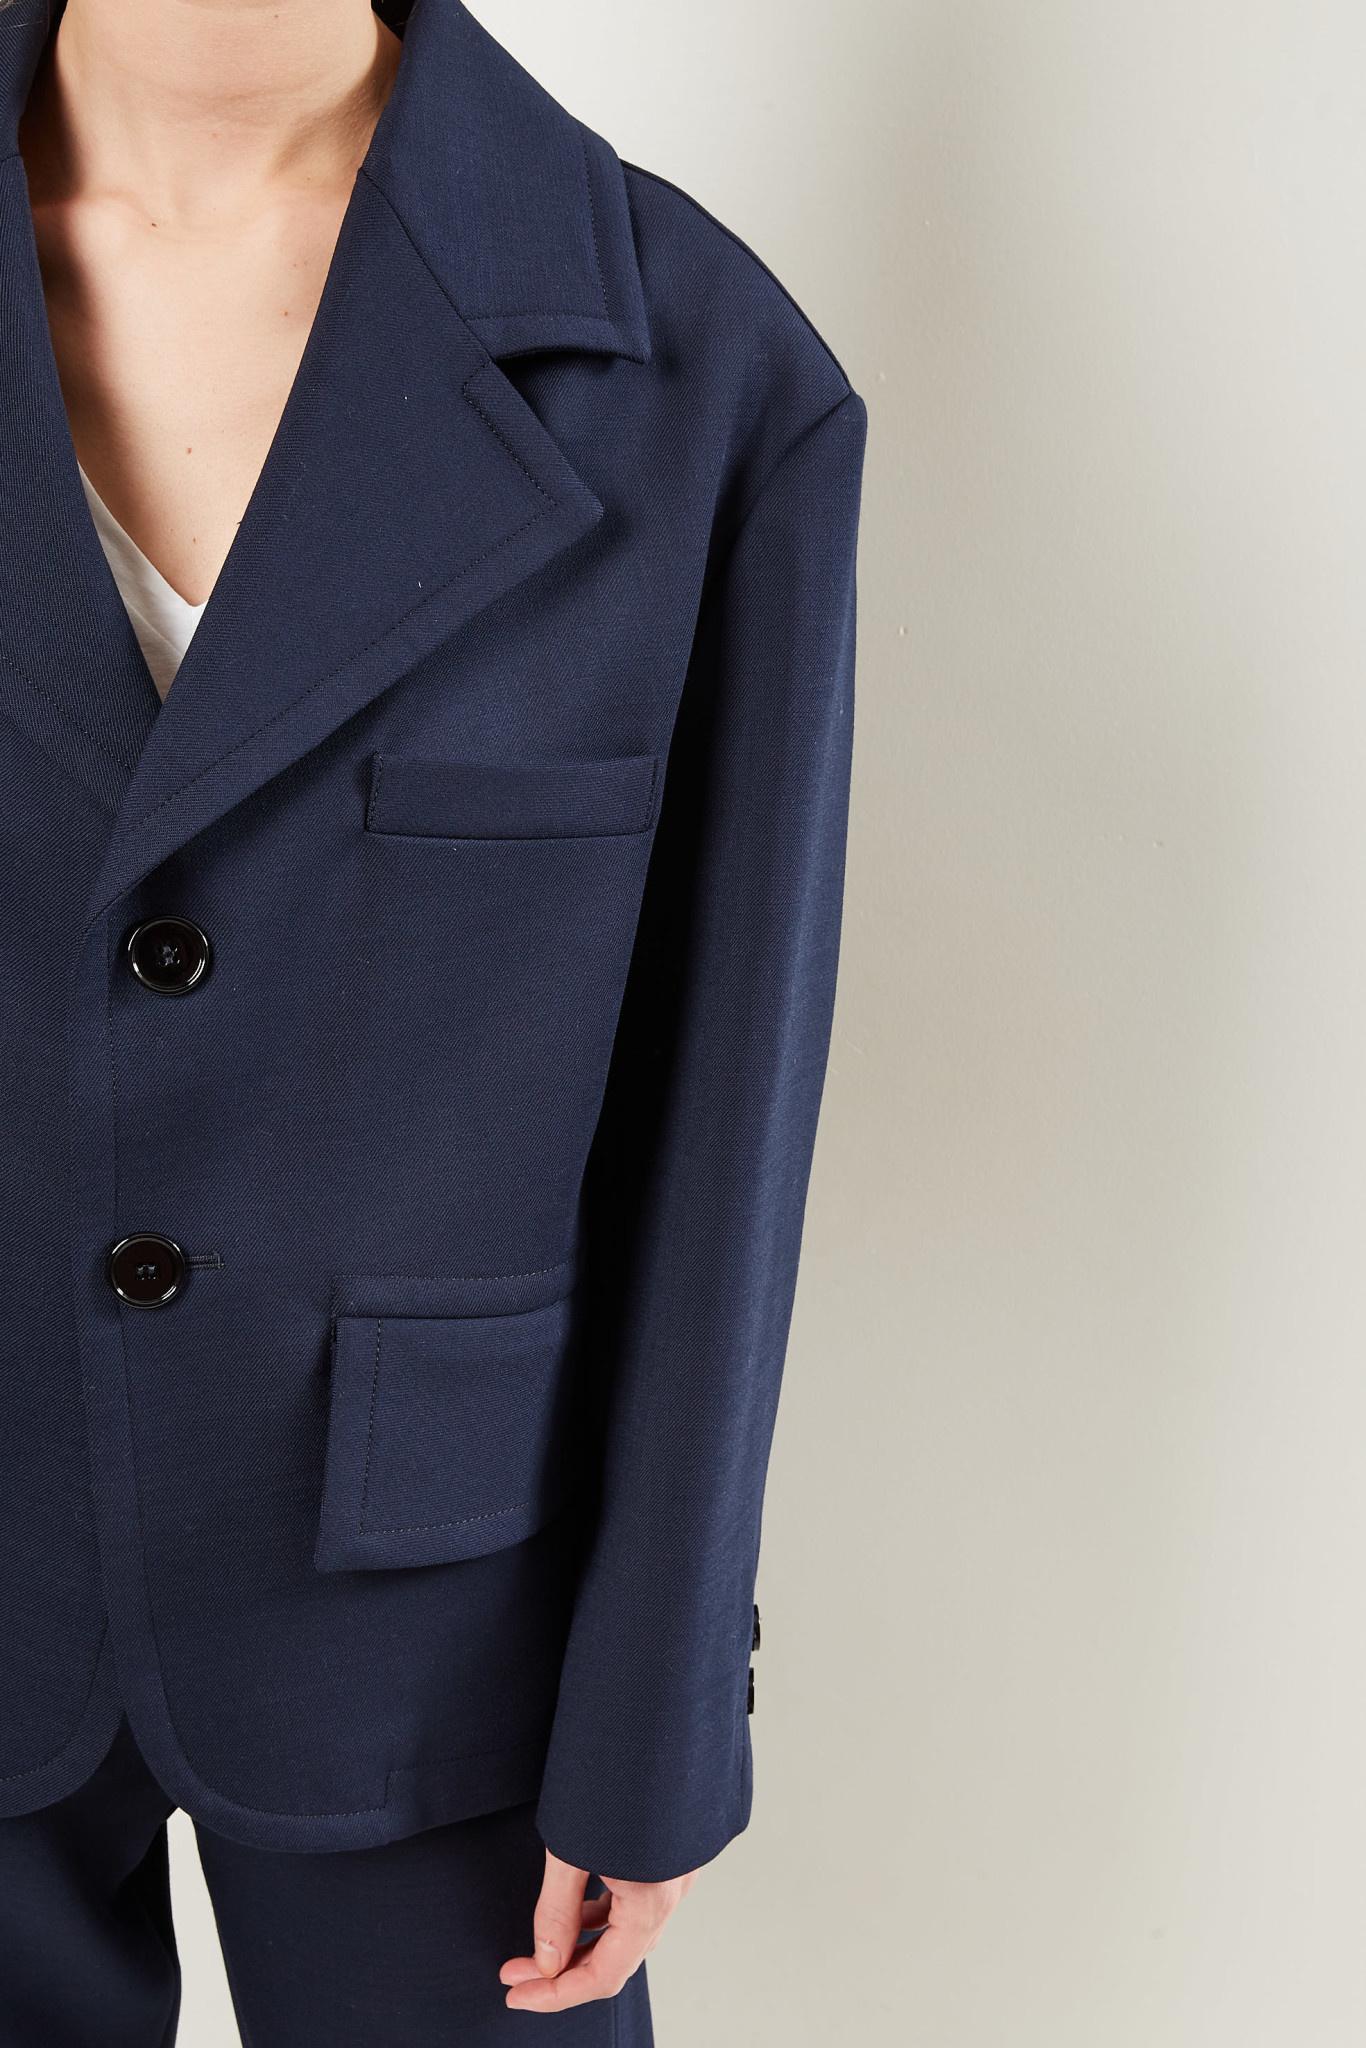 Maison Margiela - Jacket 551 blue navy